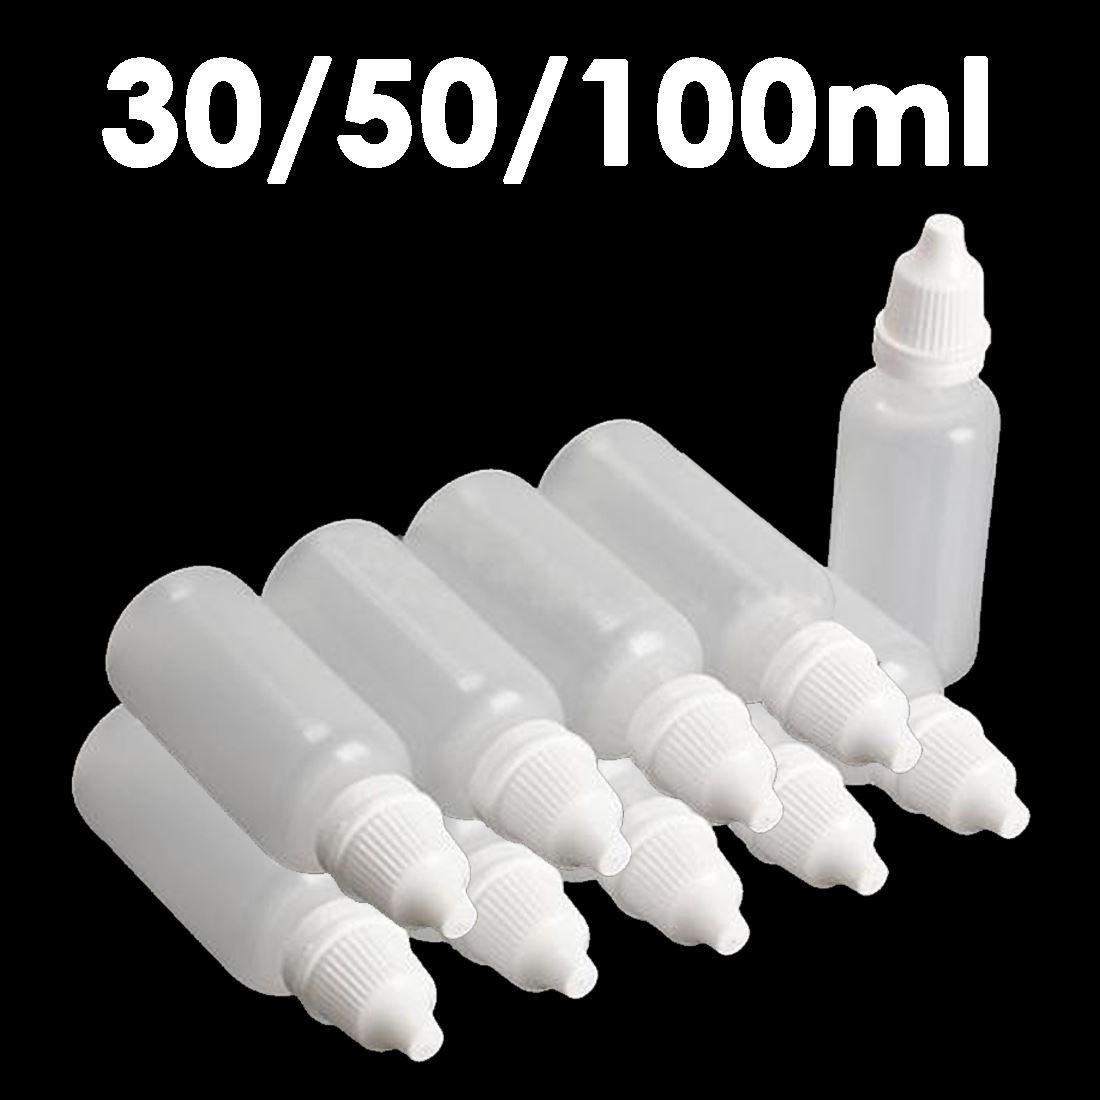 10pcs 30 100ml Empty Plastic Squeezable Dropper Bottle For